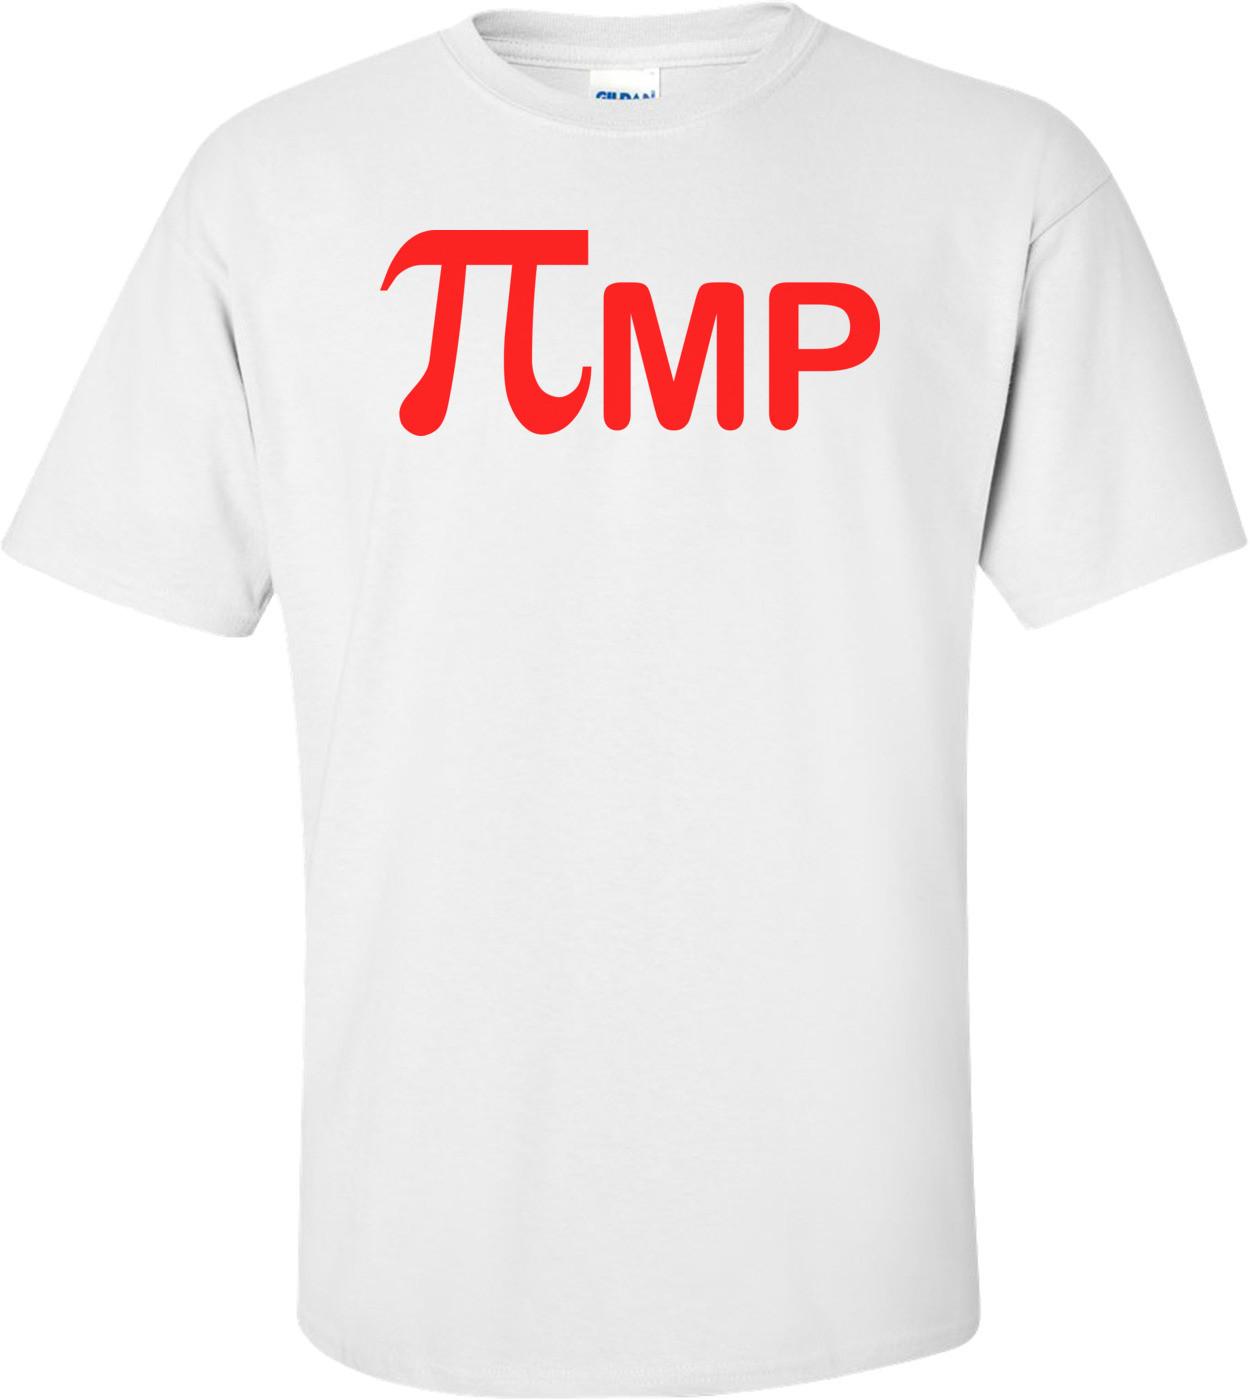 Pi - Pimp Shirt